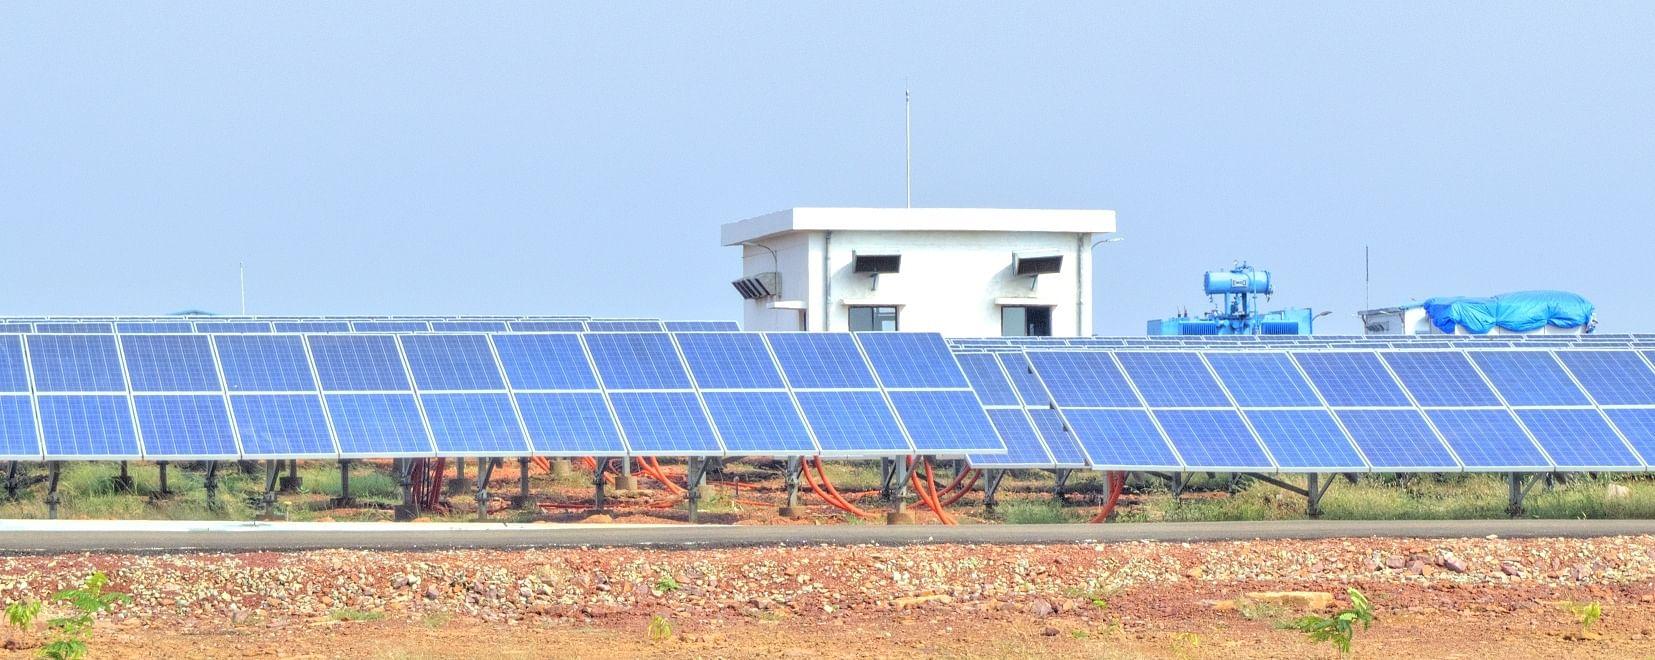 Neemuch Solar Power Plant Madhya Pradesh. Picture Source: Rahultalreja11/Wikimedia